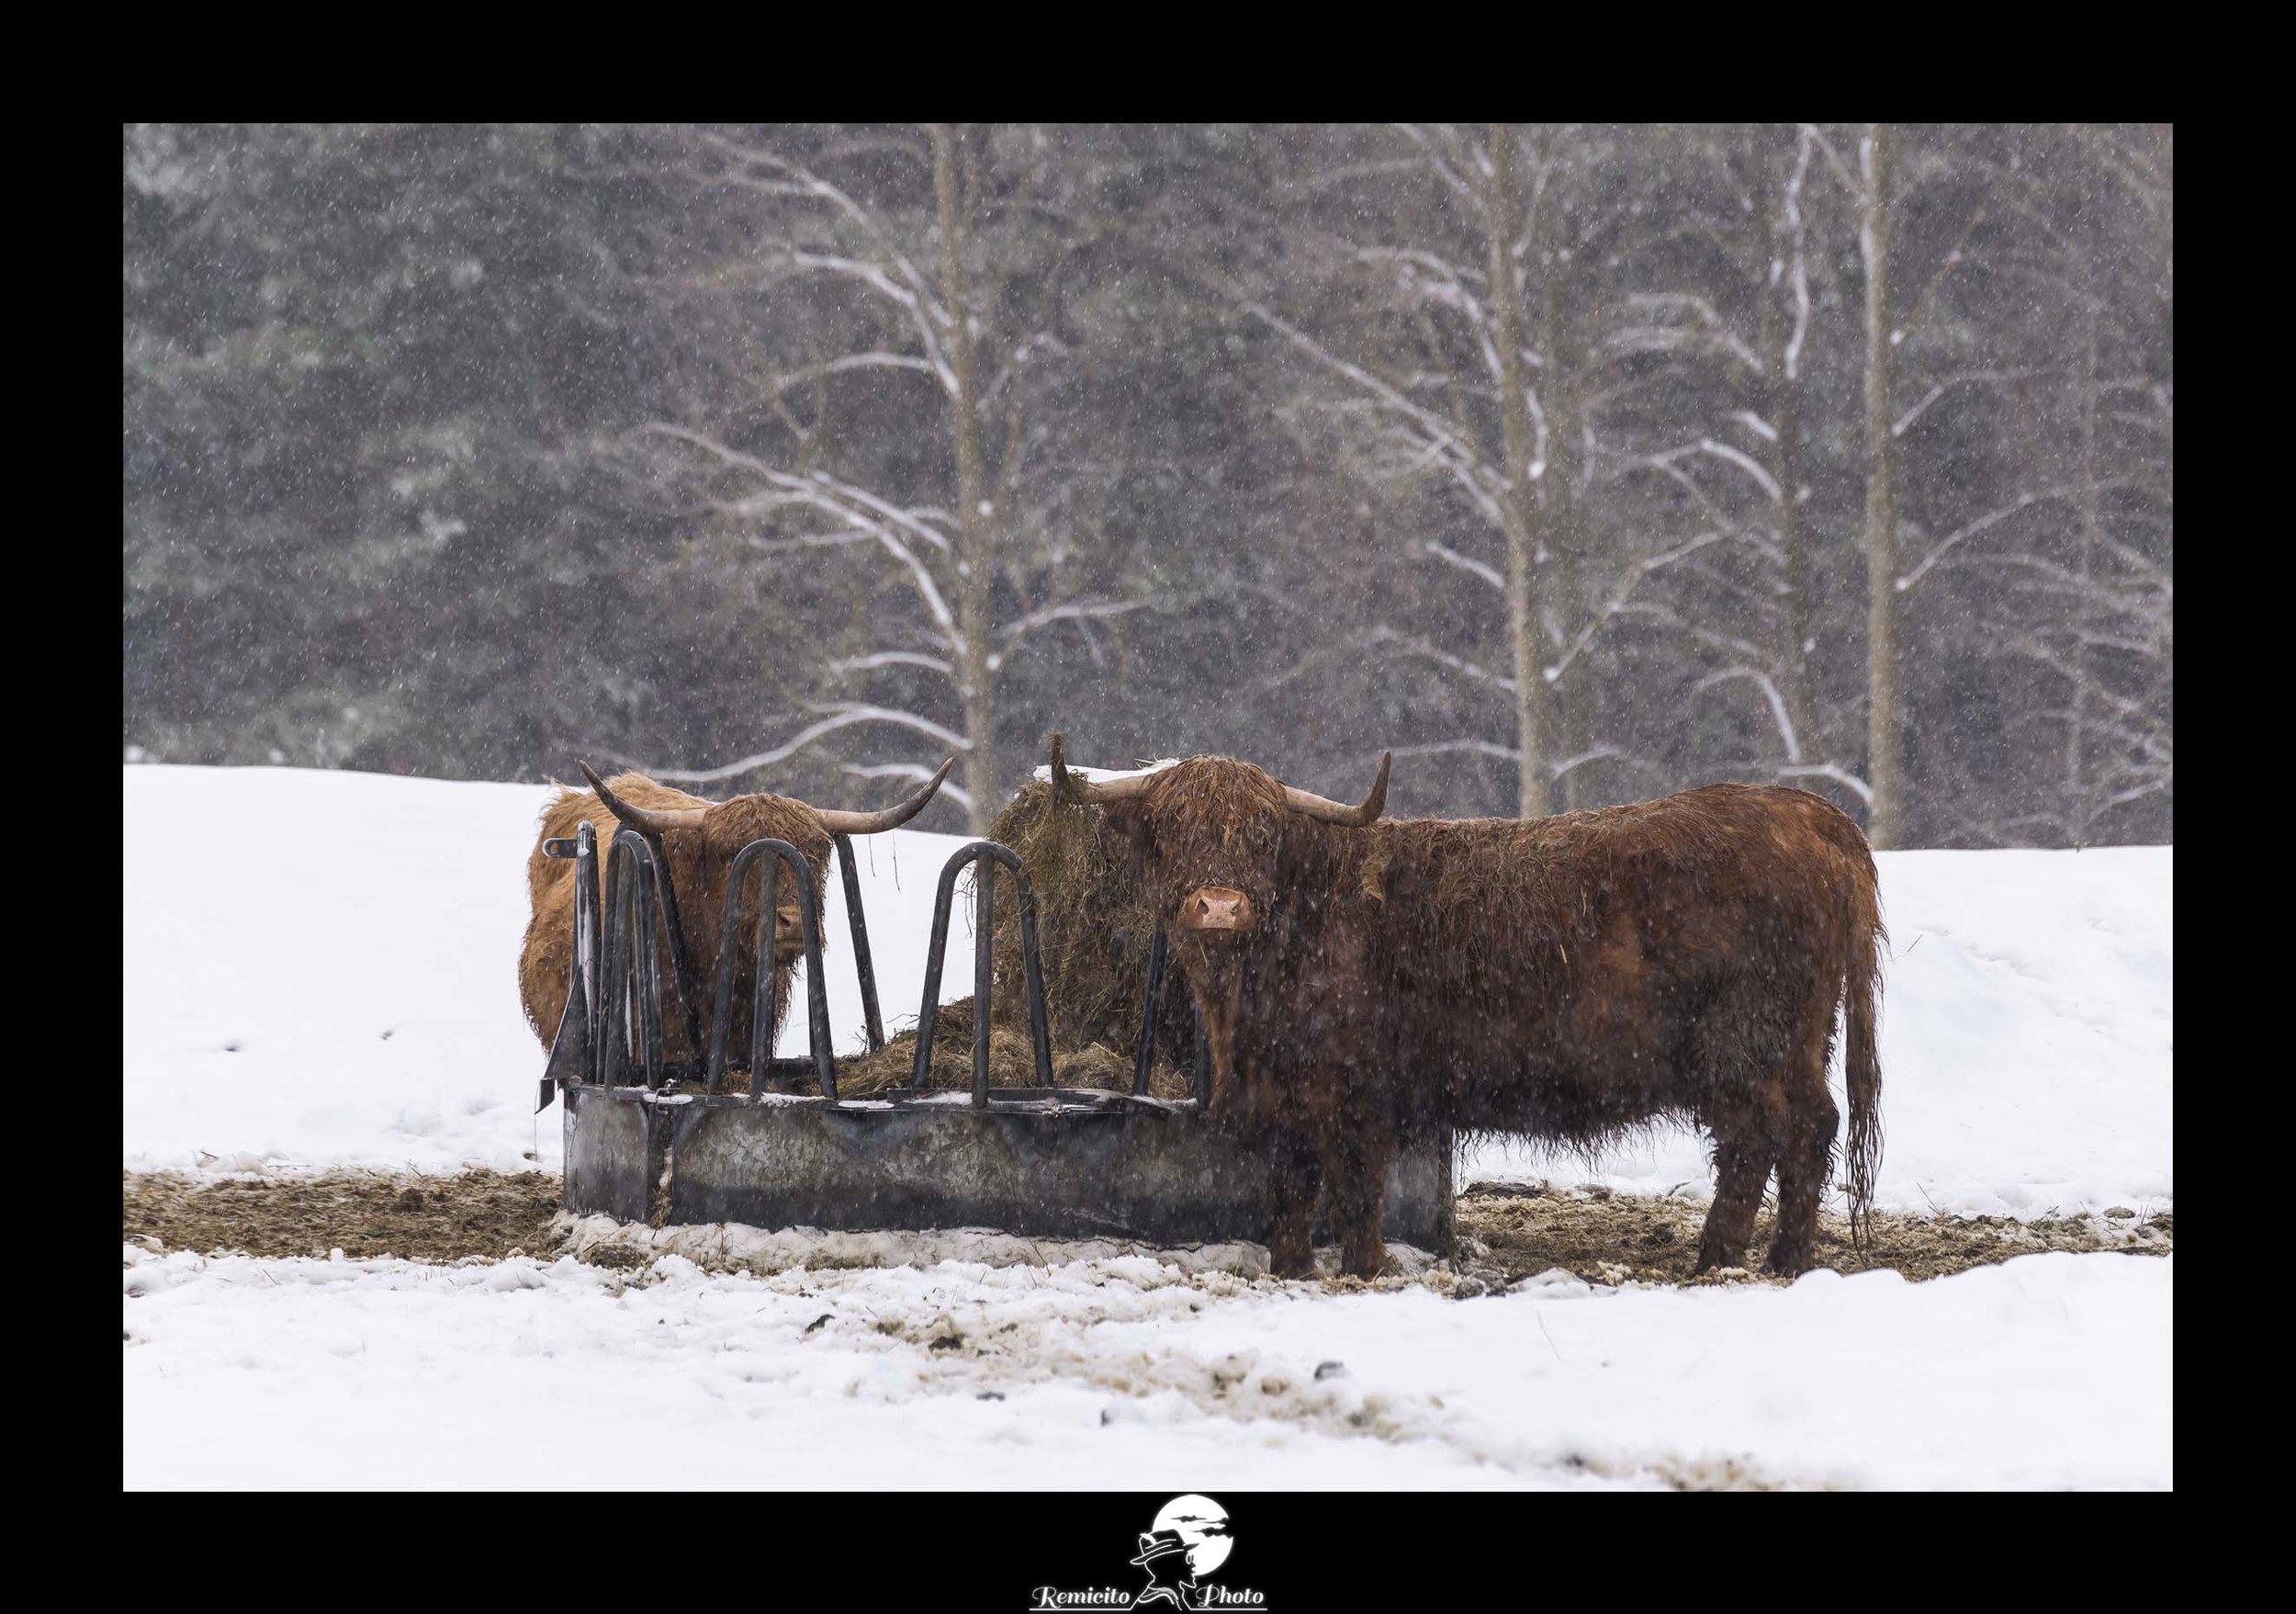 Remicito photo, remicito rémi lacombe photographe paris, belle photo boeuf ecossais, neige vache écossaise, idée cadeau photo vache